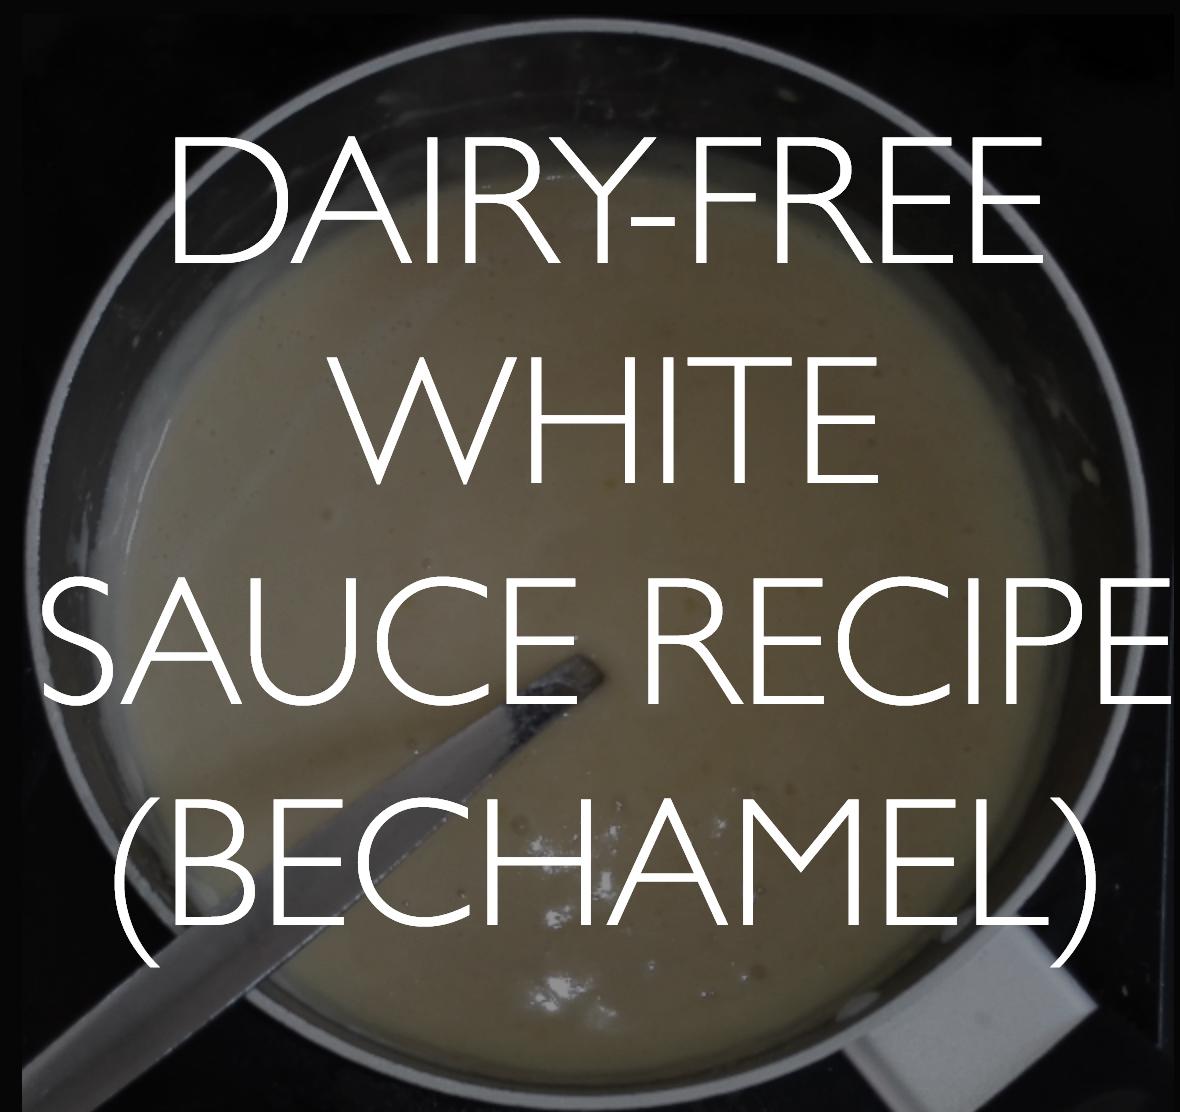 Vegan white saucerecipe